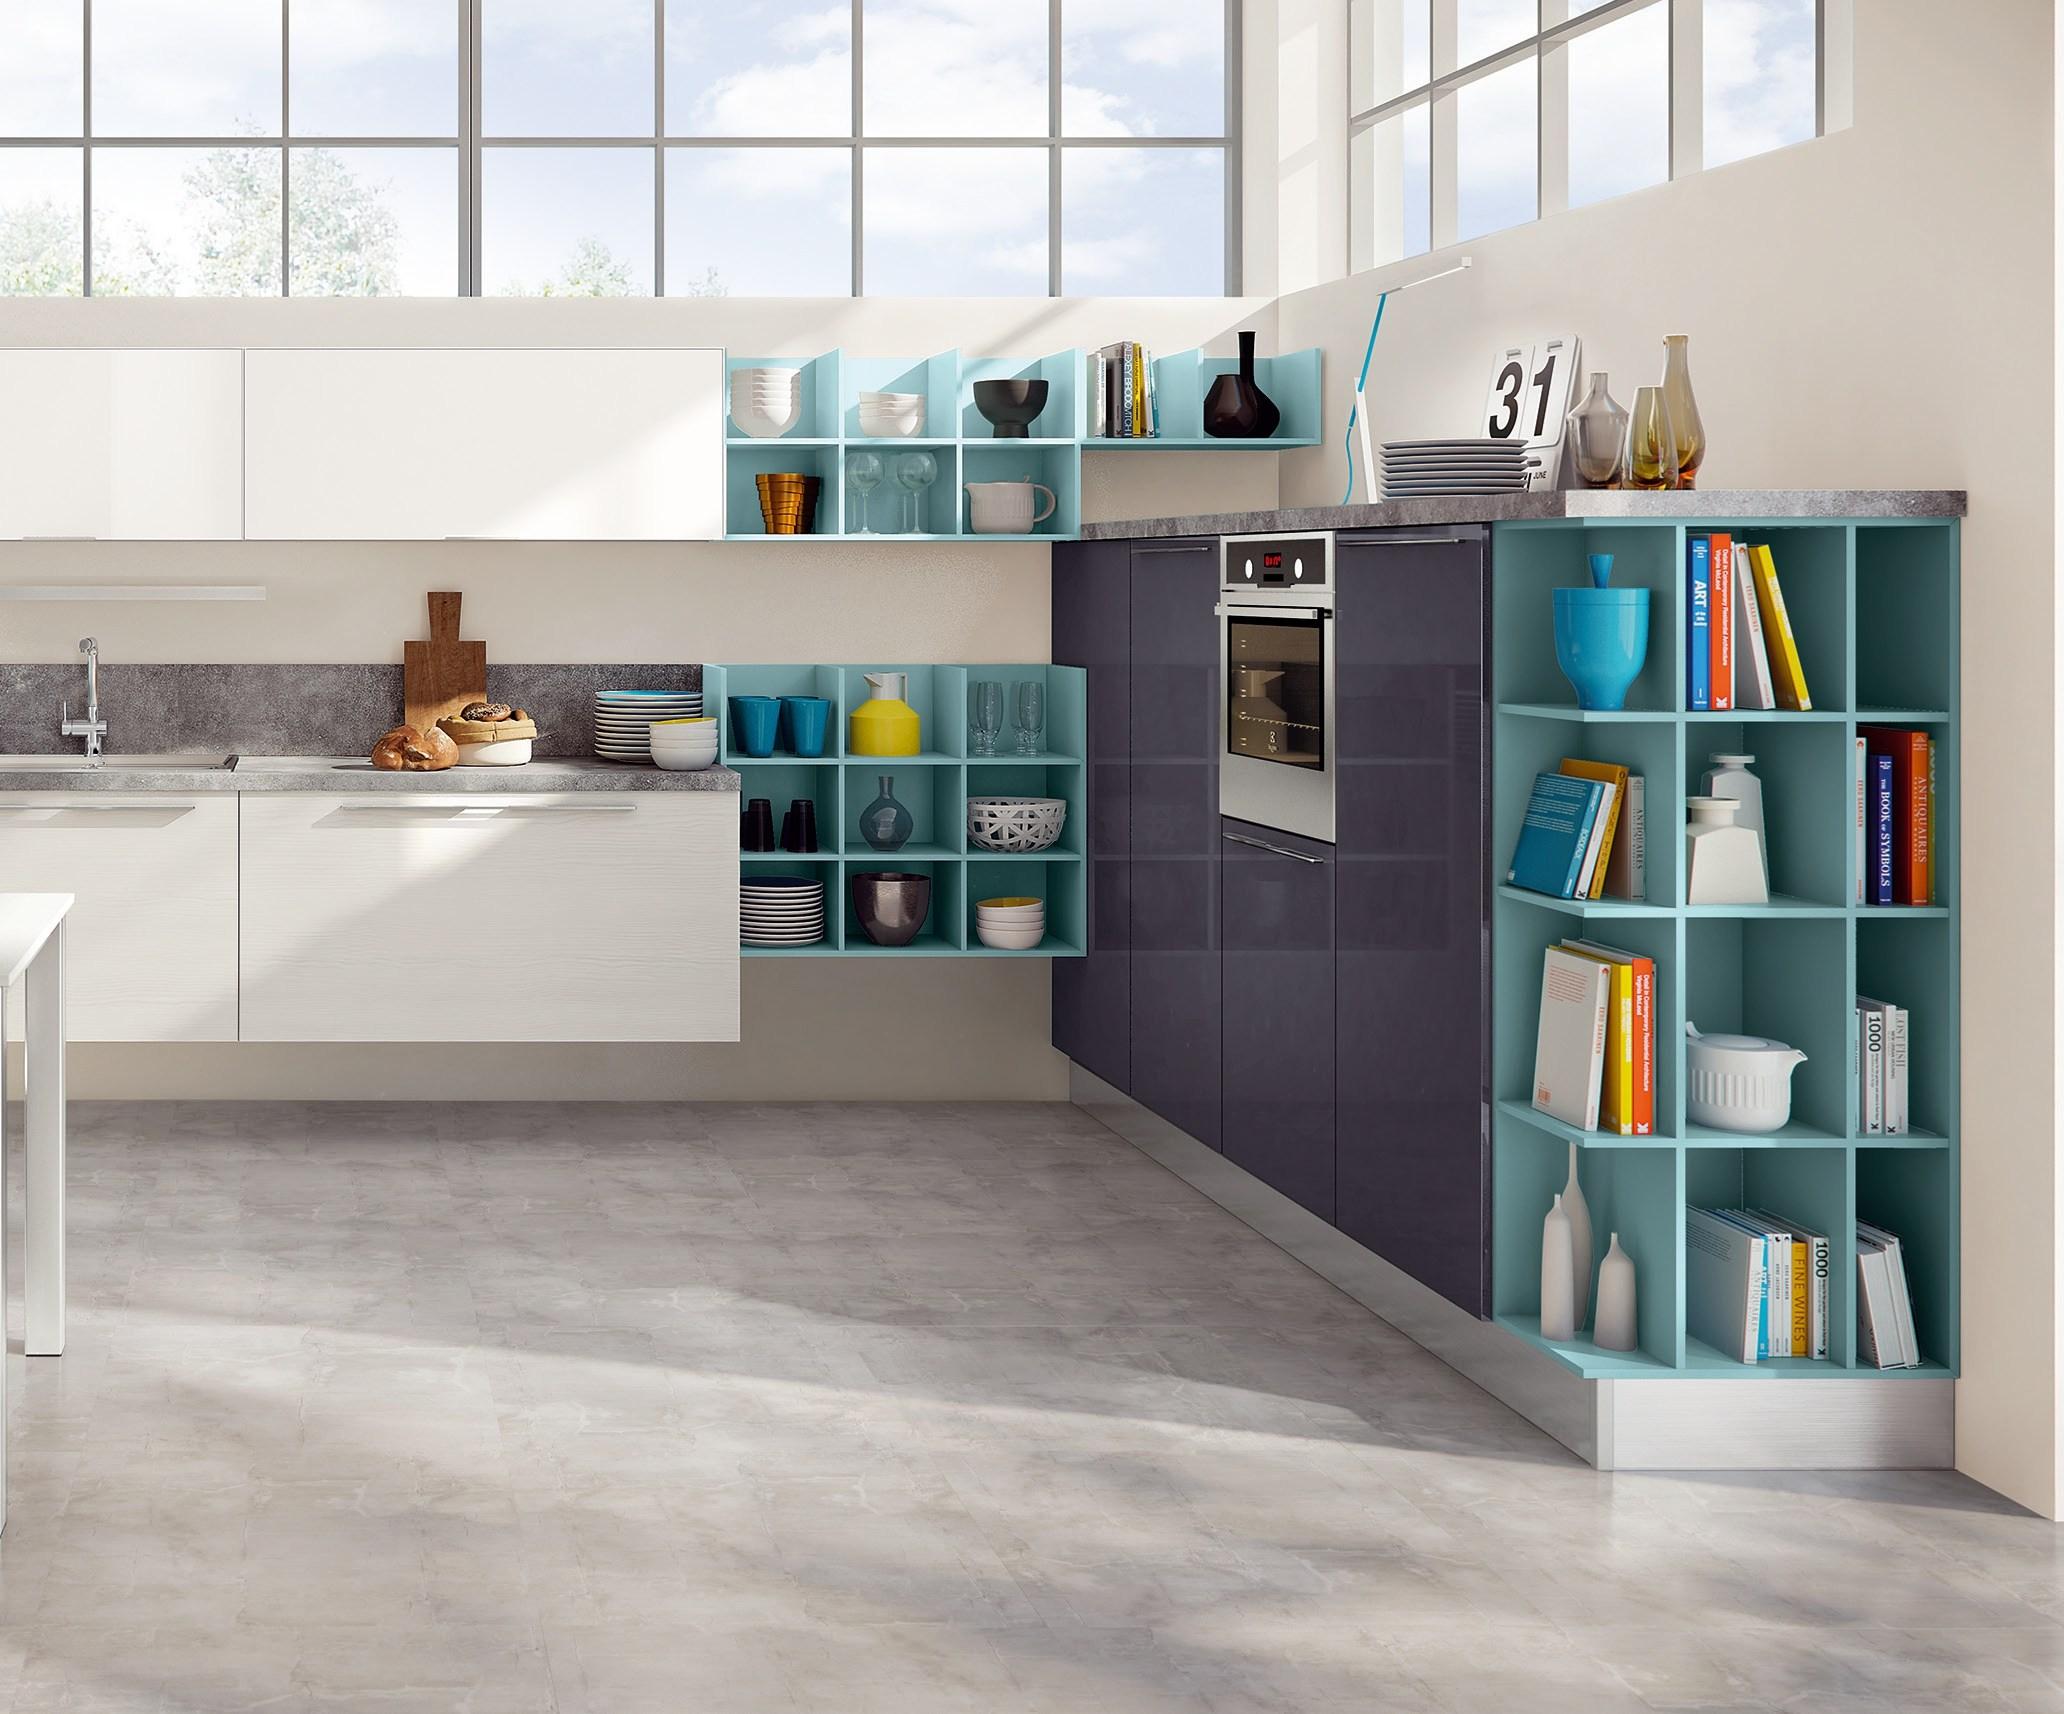 Elementi per cucine componibili best moduli per cucine - Moduli componibili cucina ...